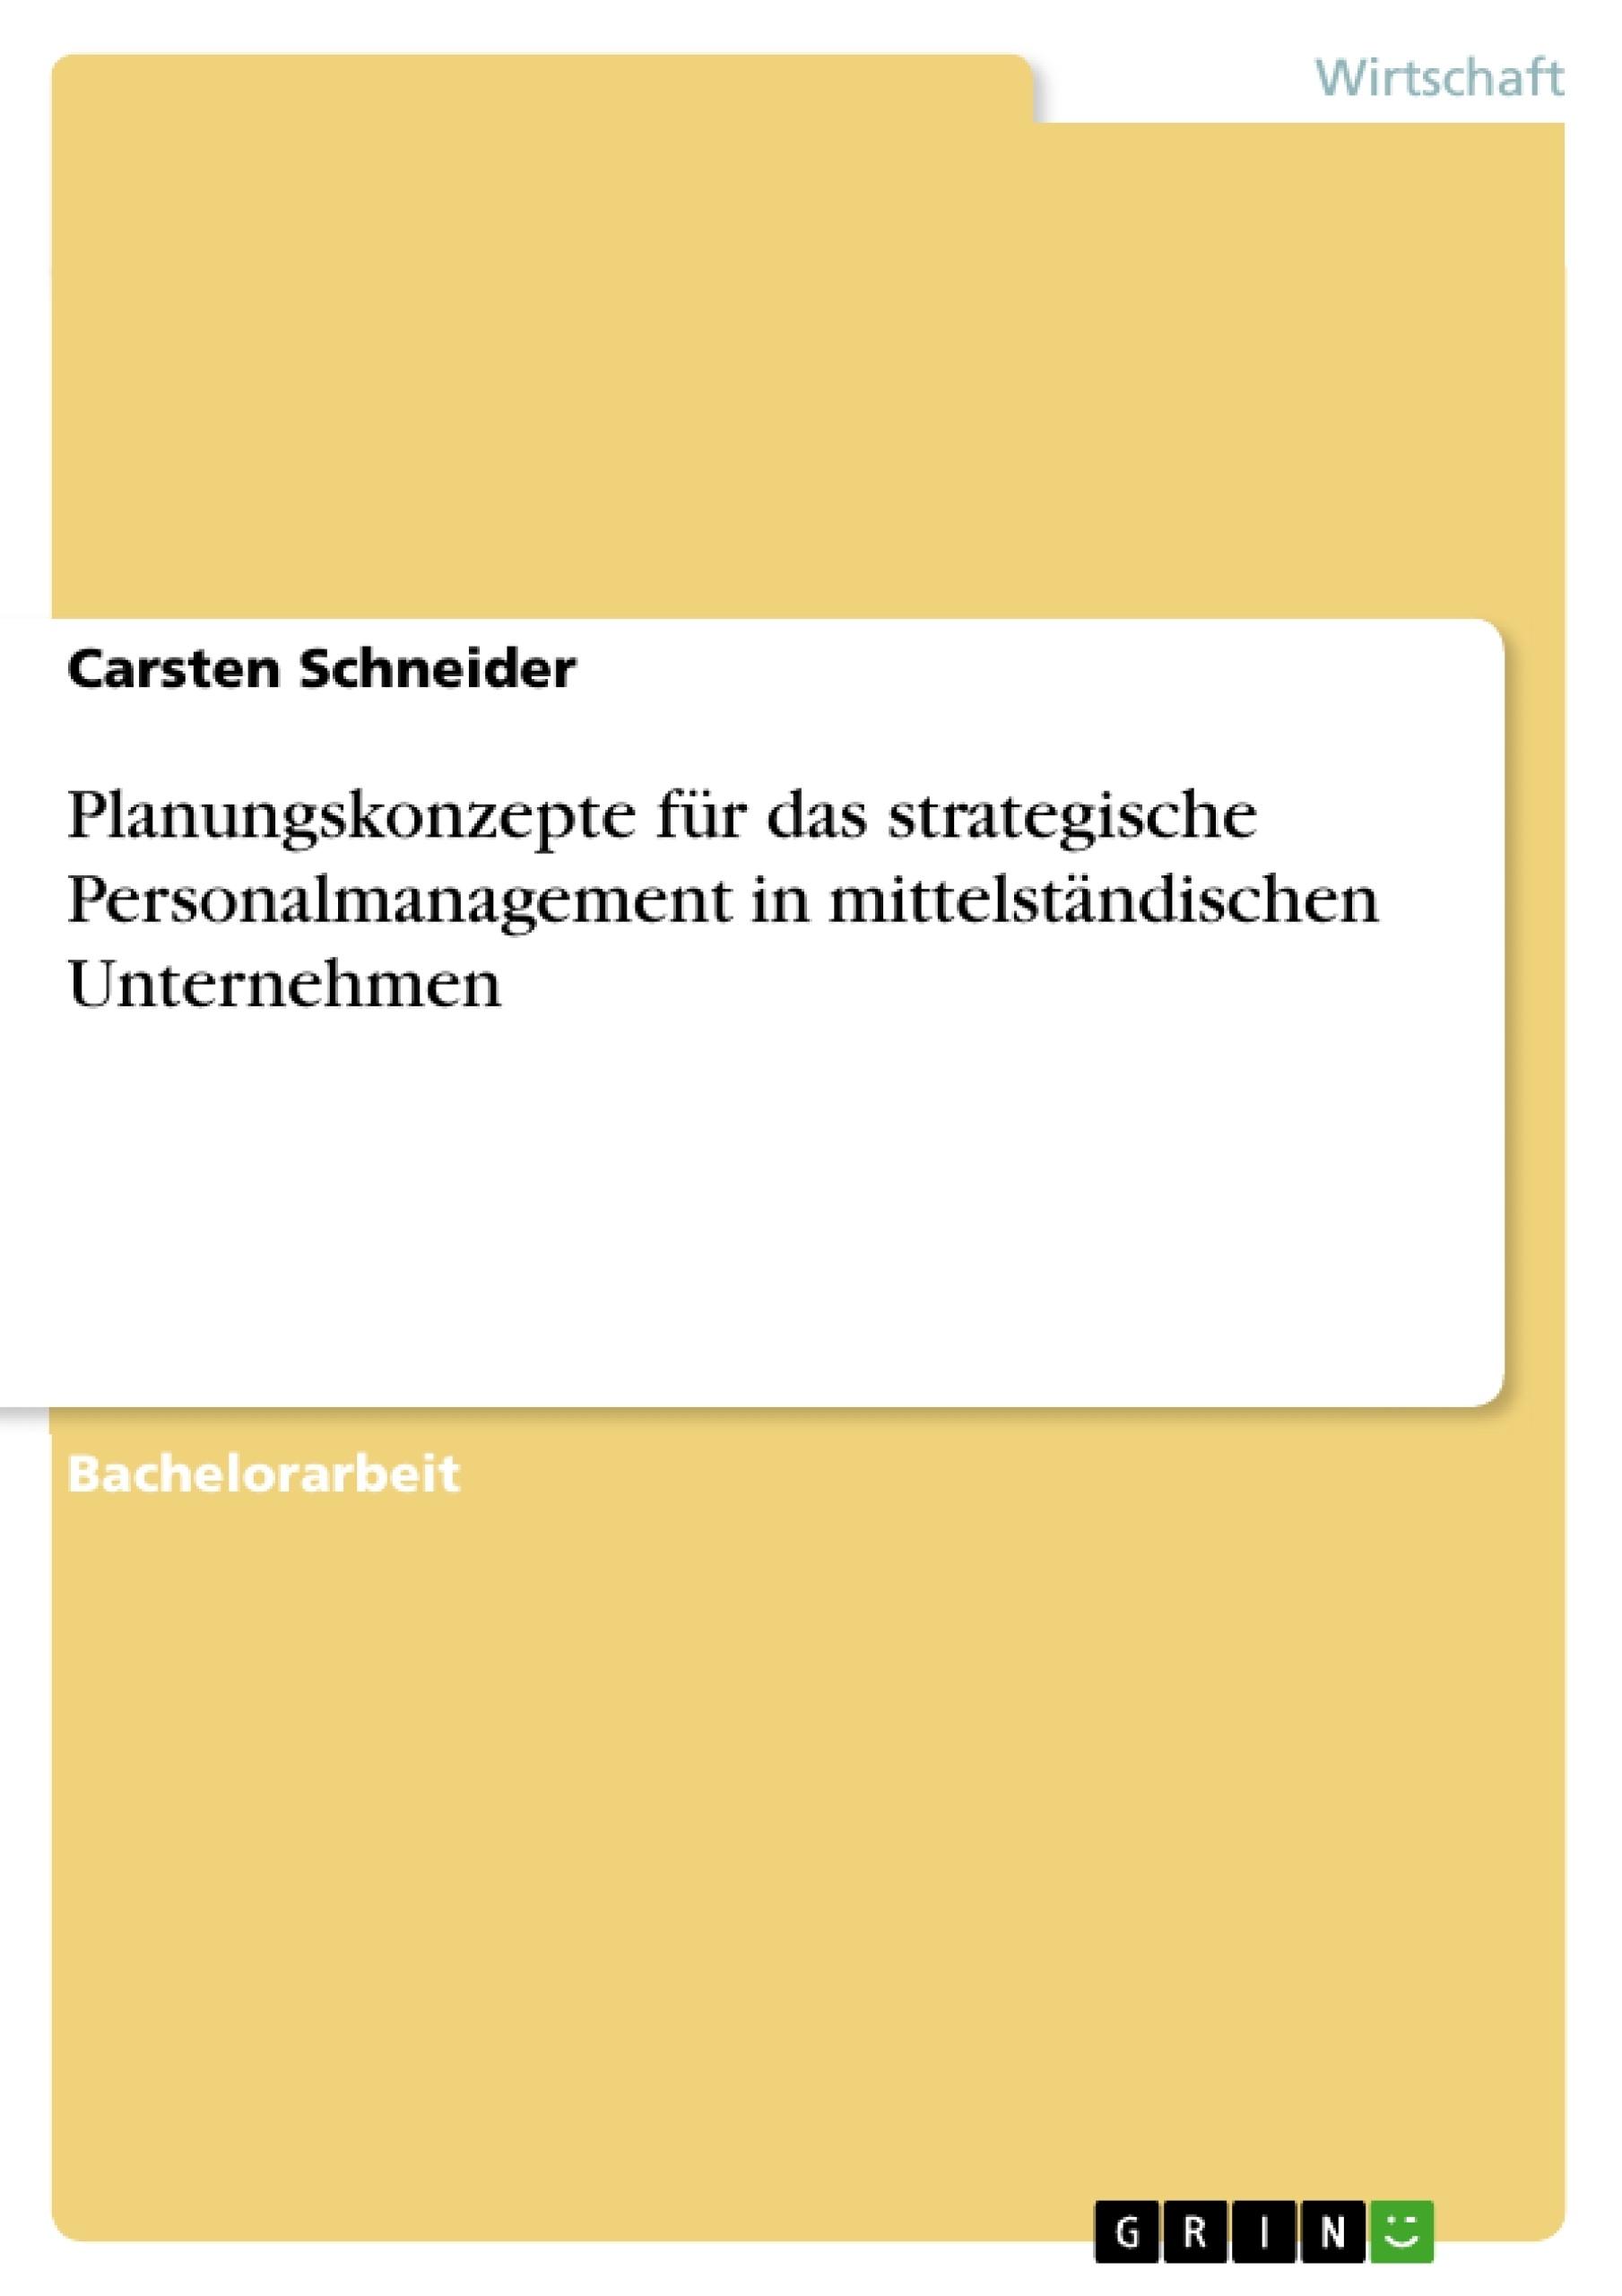 Titel: Planungskonzepte für das strategische Personalmanagement in mittelständischen Unternehmen